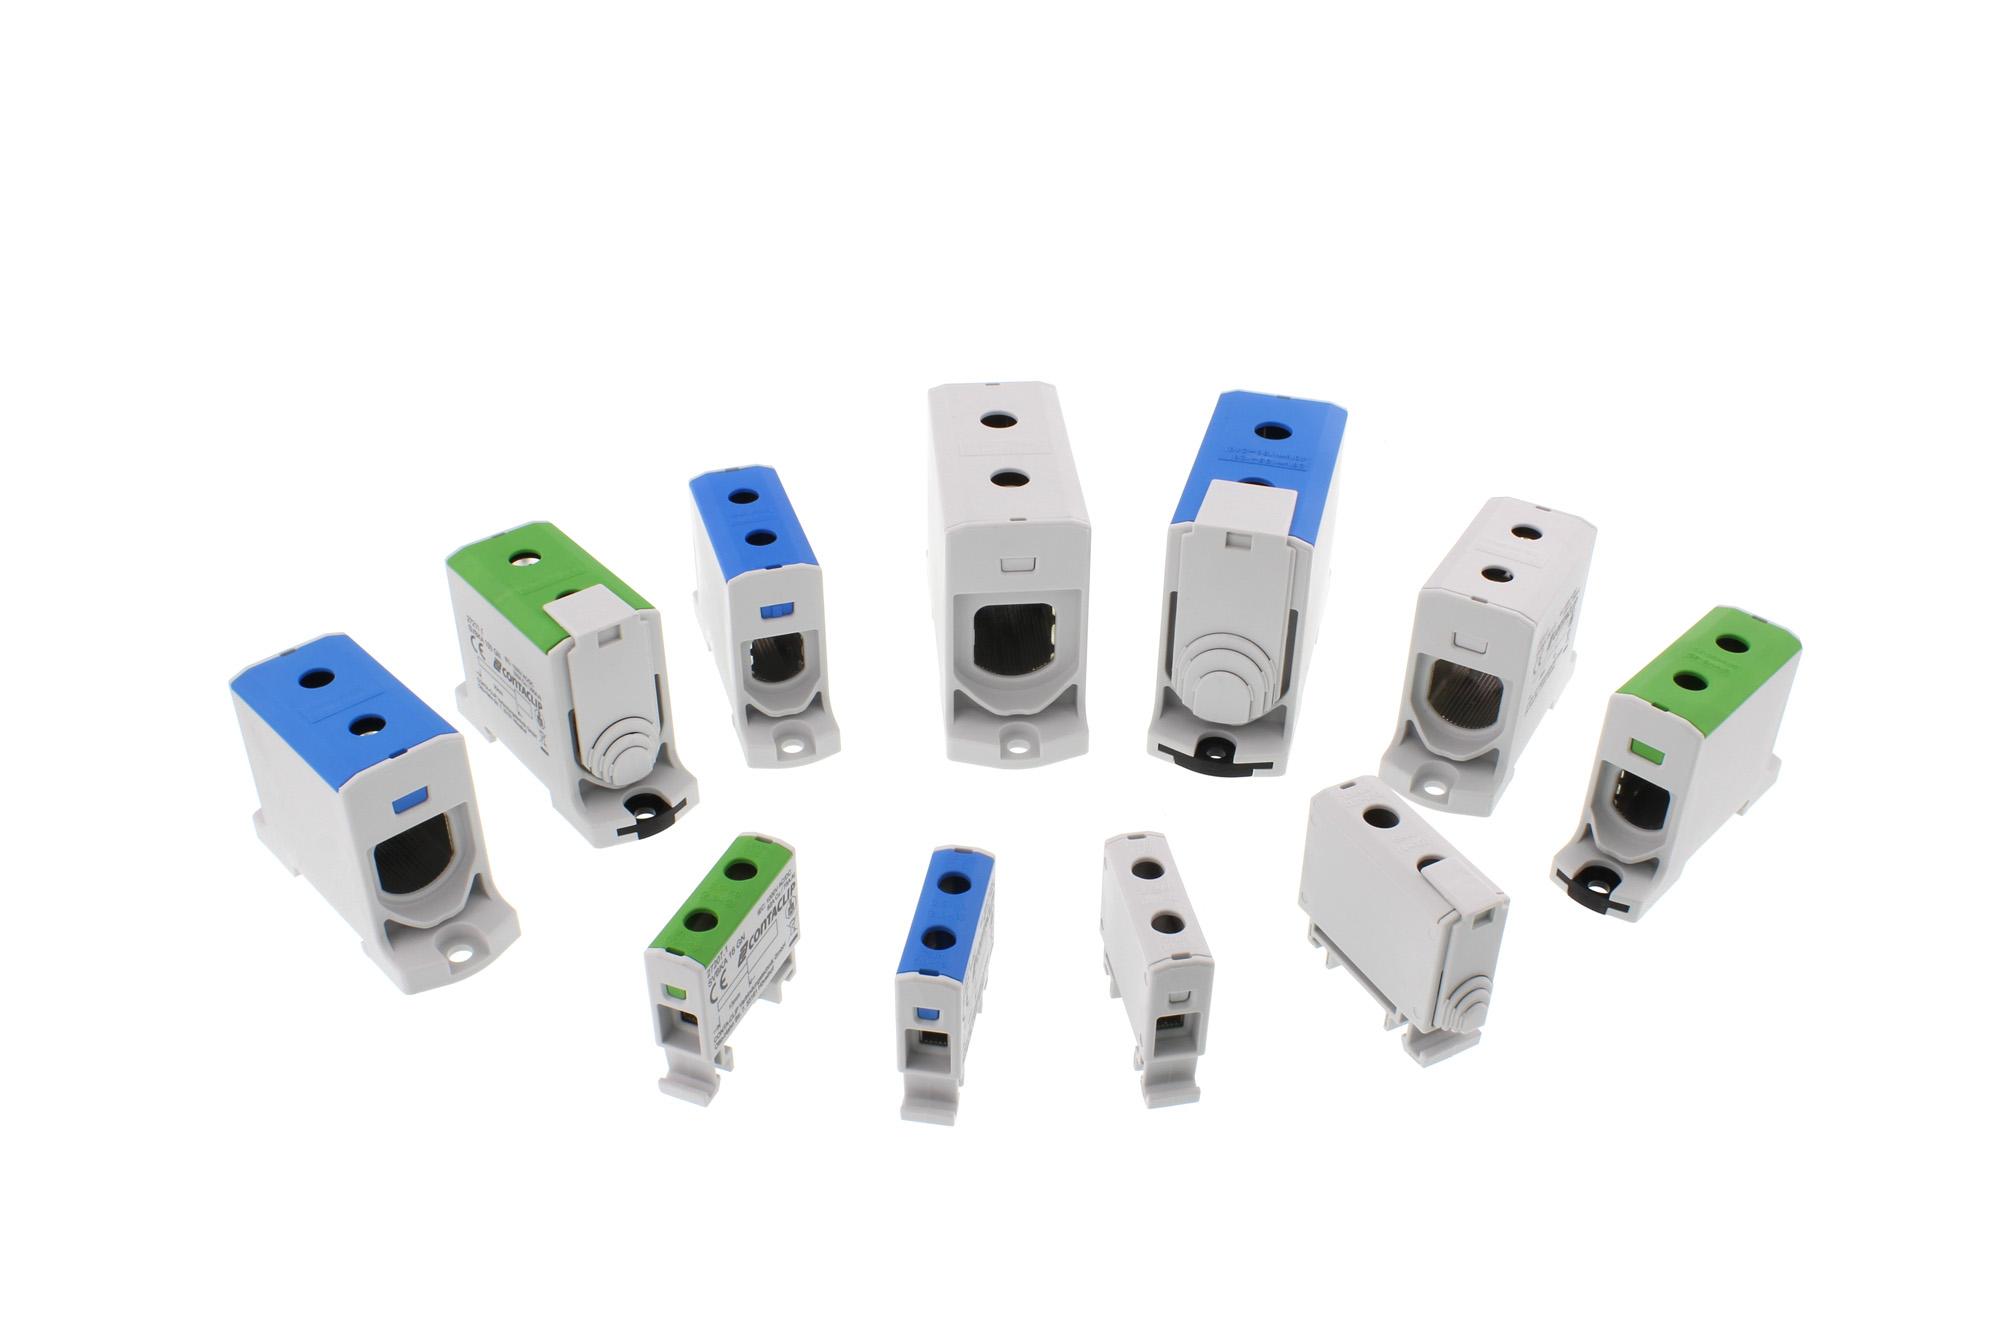 Nuevos bloques de distribuidores de tornillo de CONTA-CLIP: SVBA y SVBK